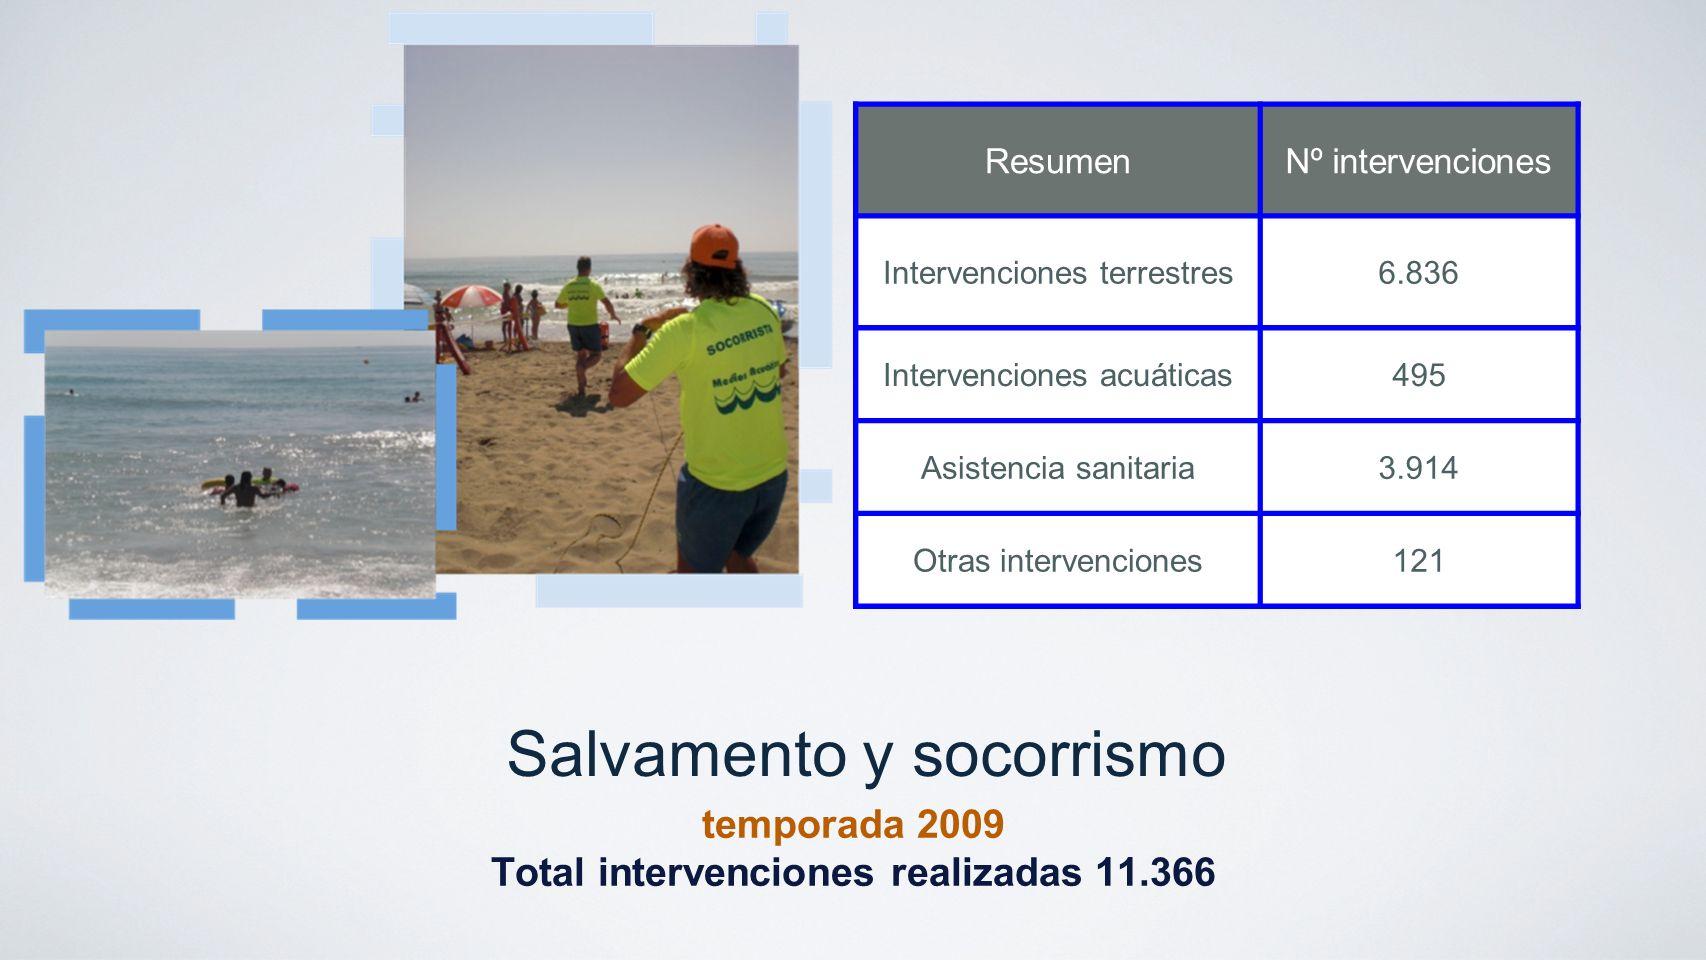 Salvamento y socorrismo temporada 2009 Total intervenciones realizadas 11.366 ResumenNº intervenciones Intervenciones terrestres6.836 Intervenciones a